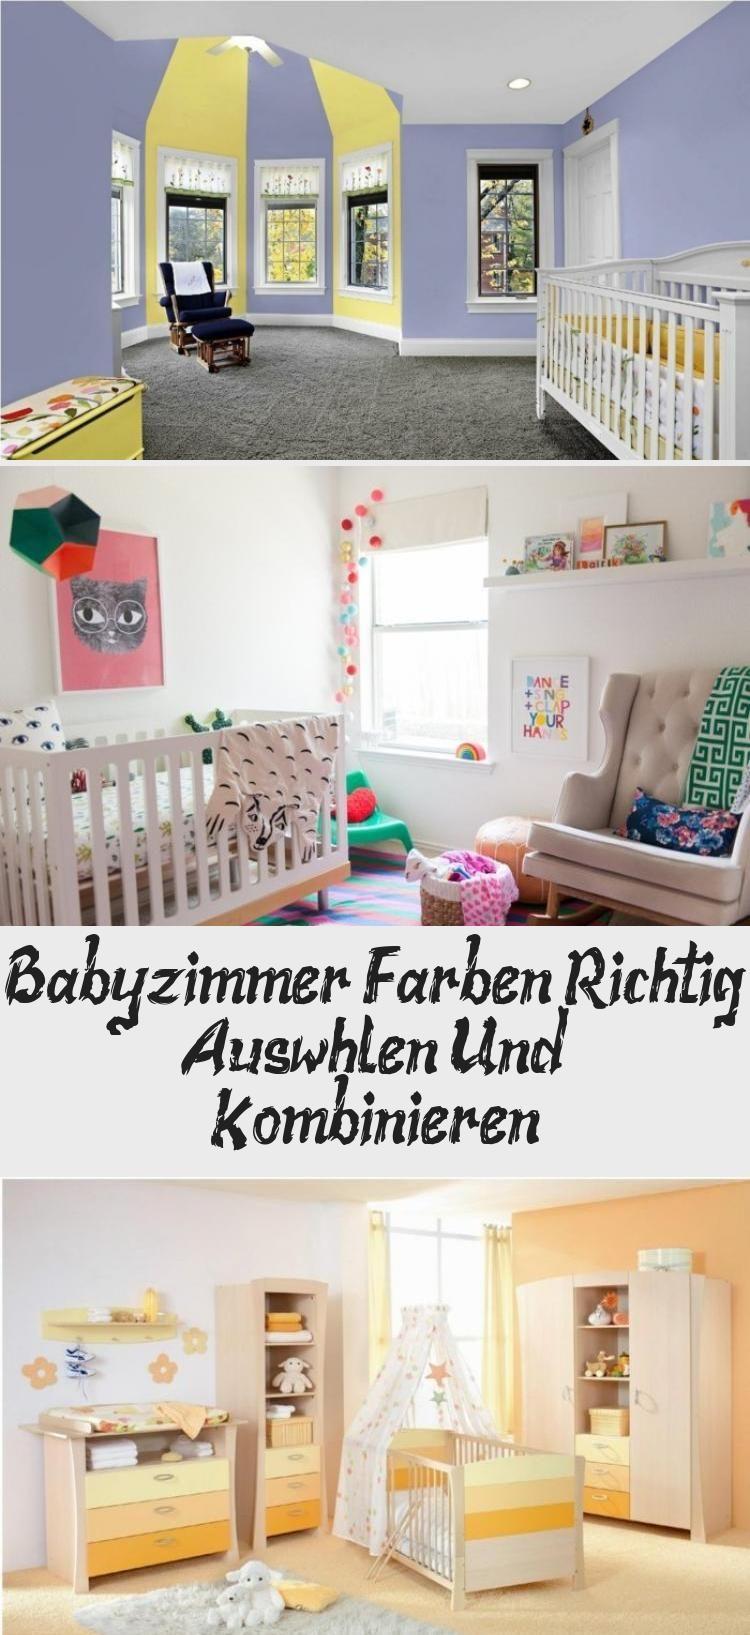 Farben Richtig Auswahlen Und Kombinieren Babyzimmer Farben